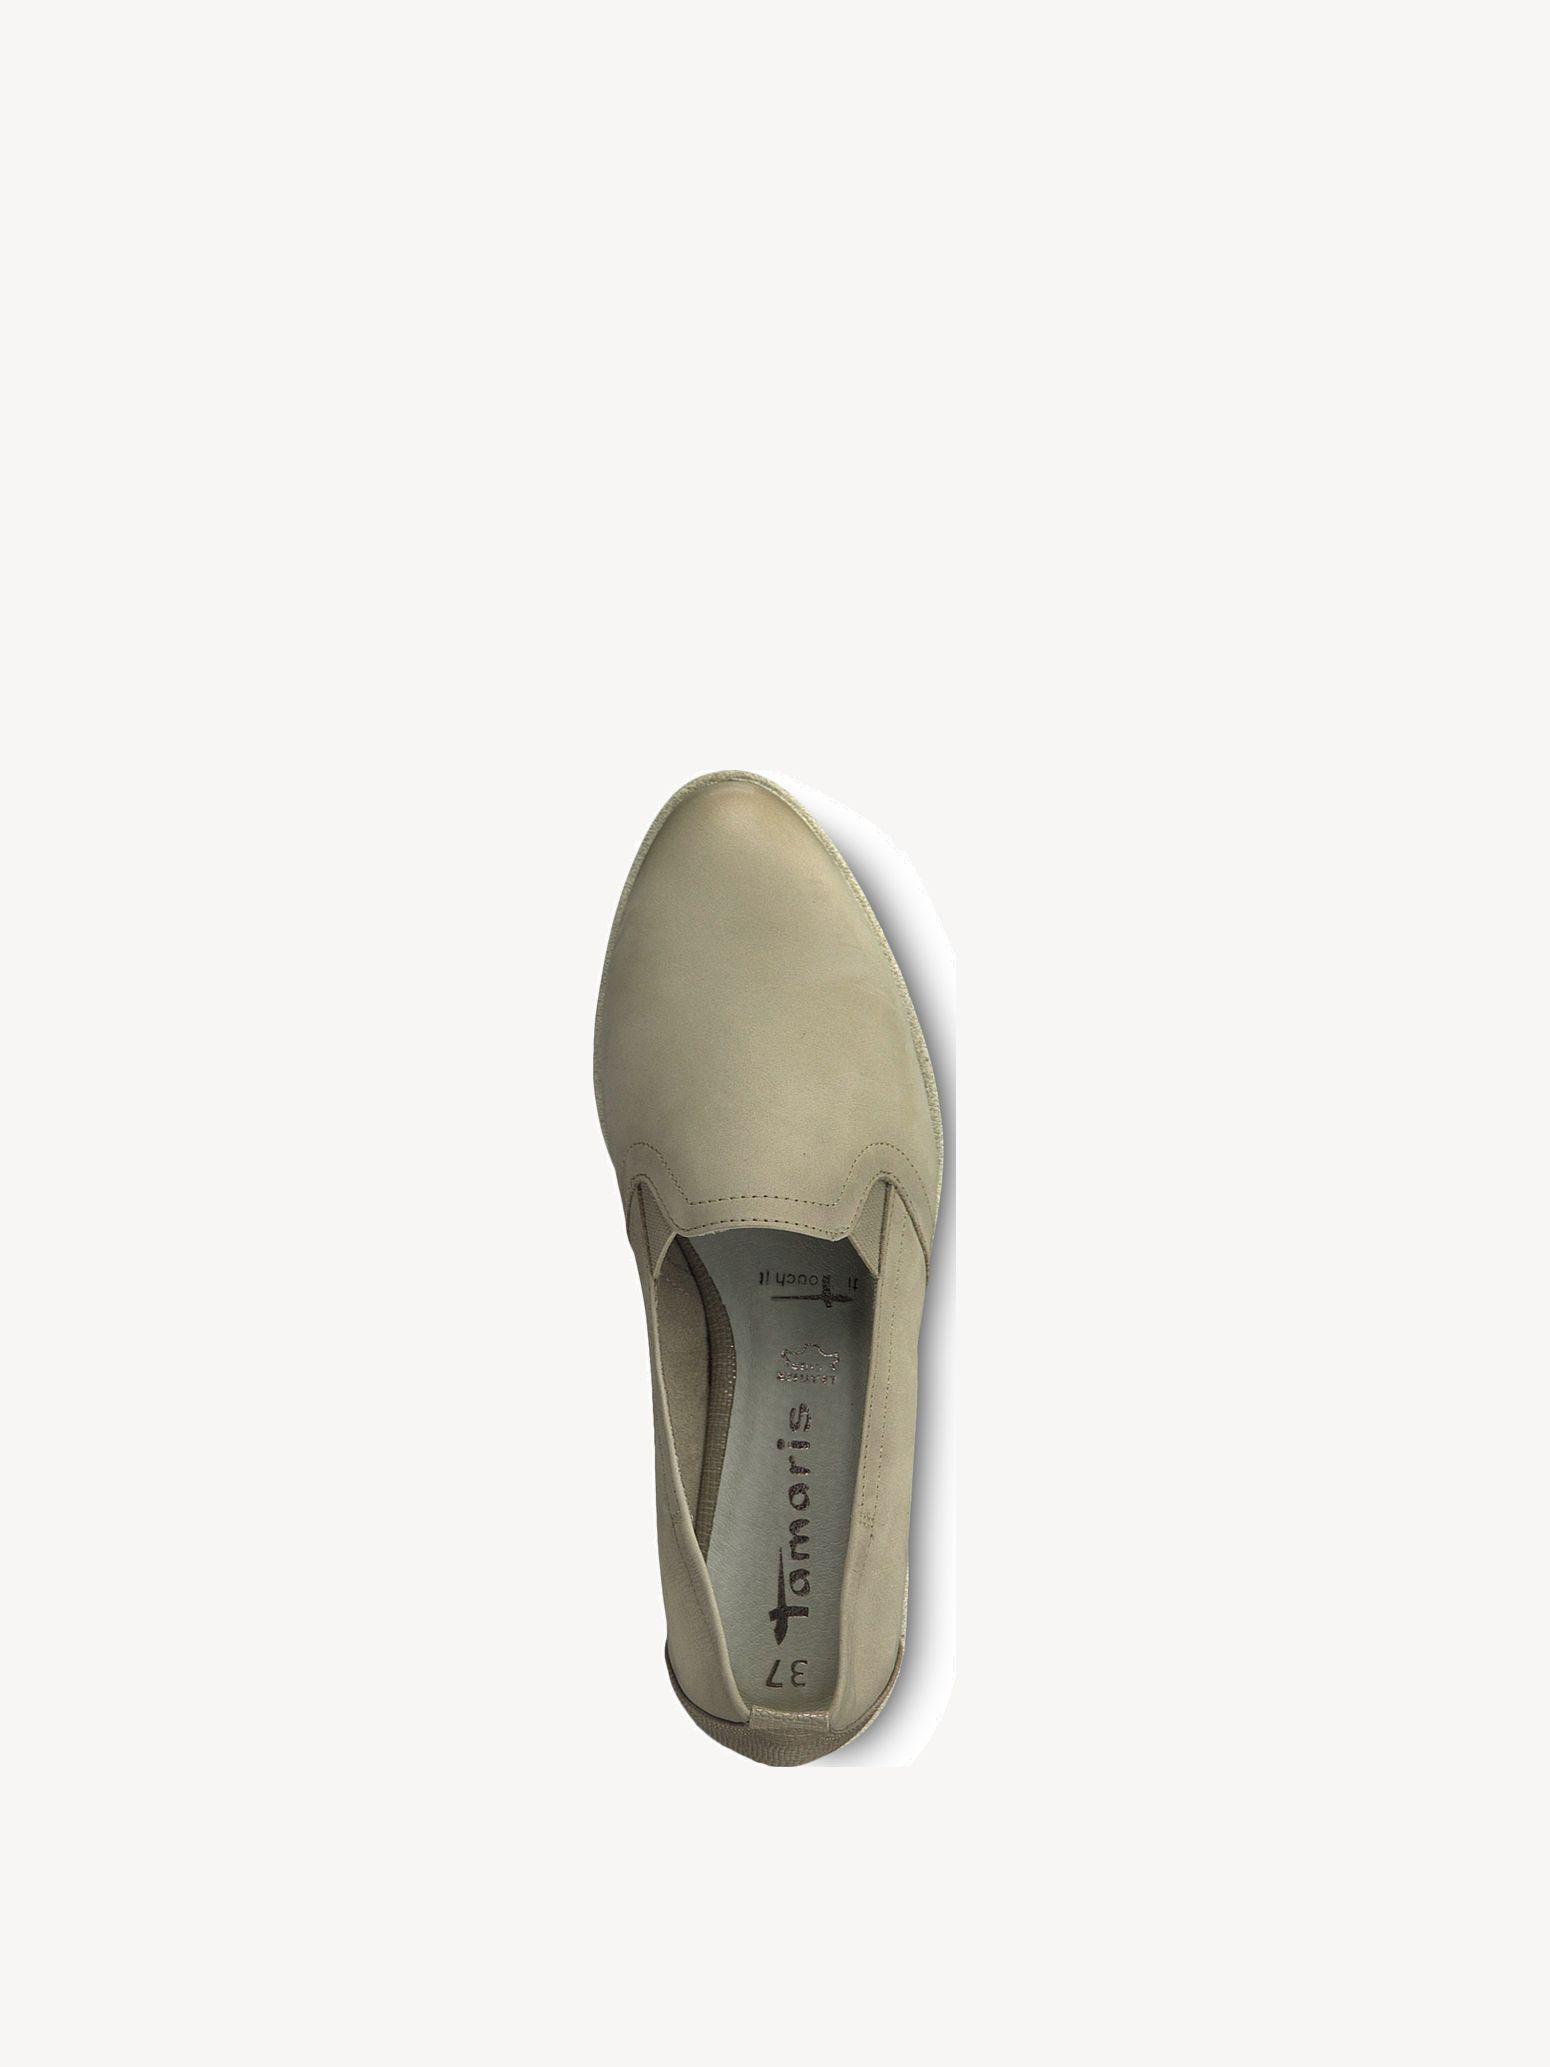 Lederhalbschuh Online Kaufen 1 24715 Slipper 1 20Tamaris 7gvf6ybY